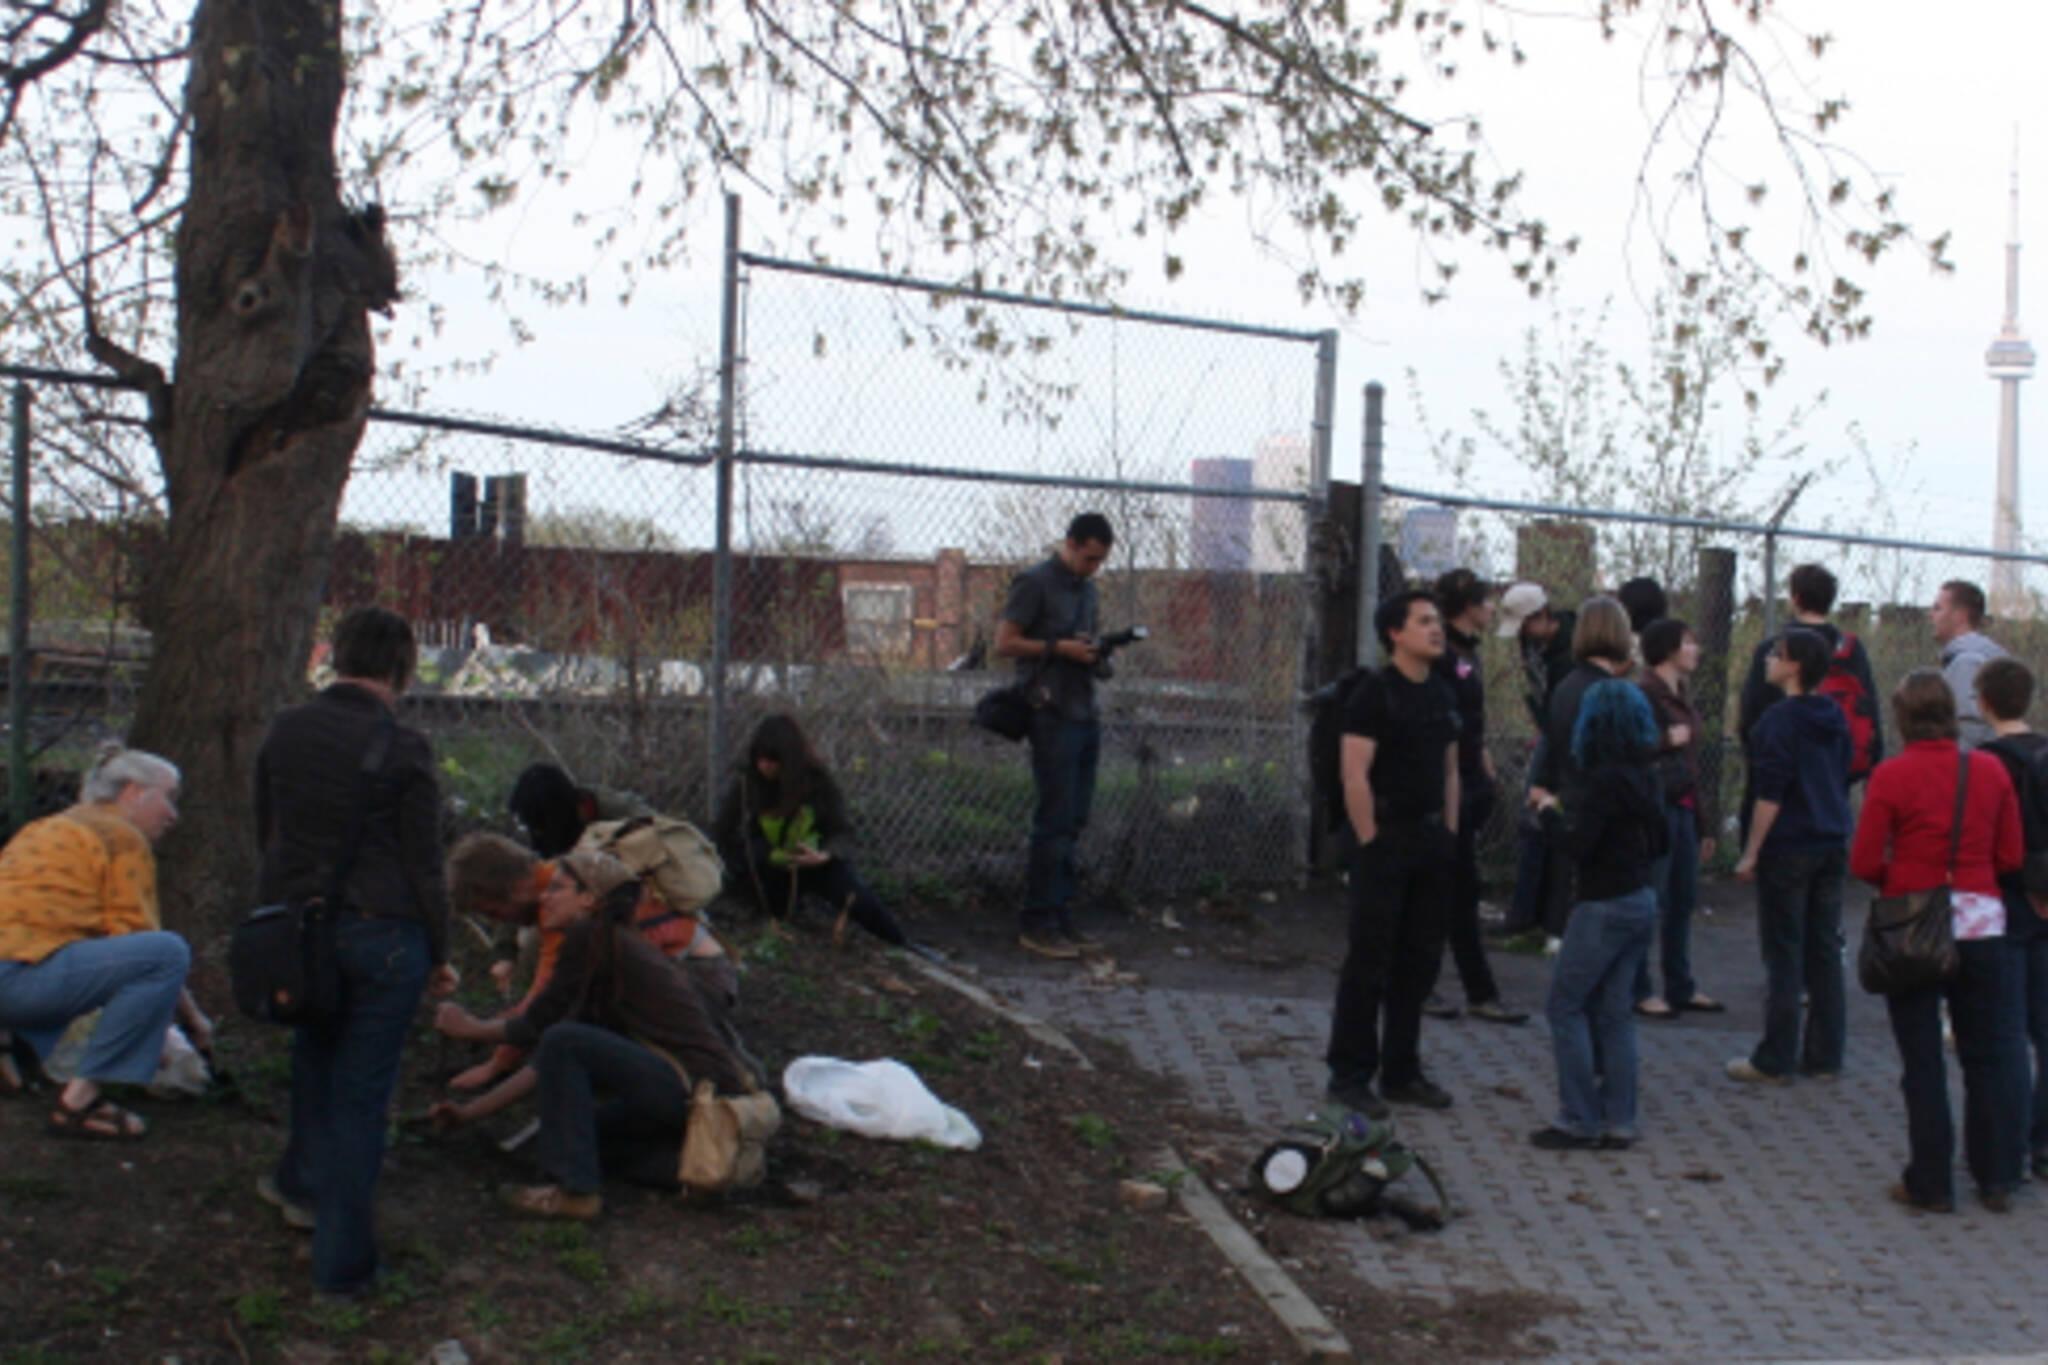 Toronto Public Space Committee Guerrilla Gardeners